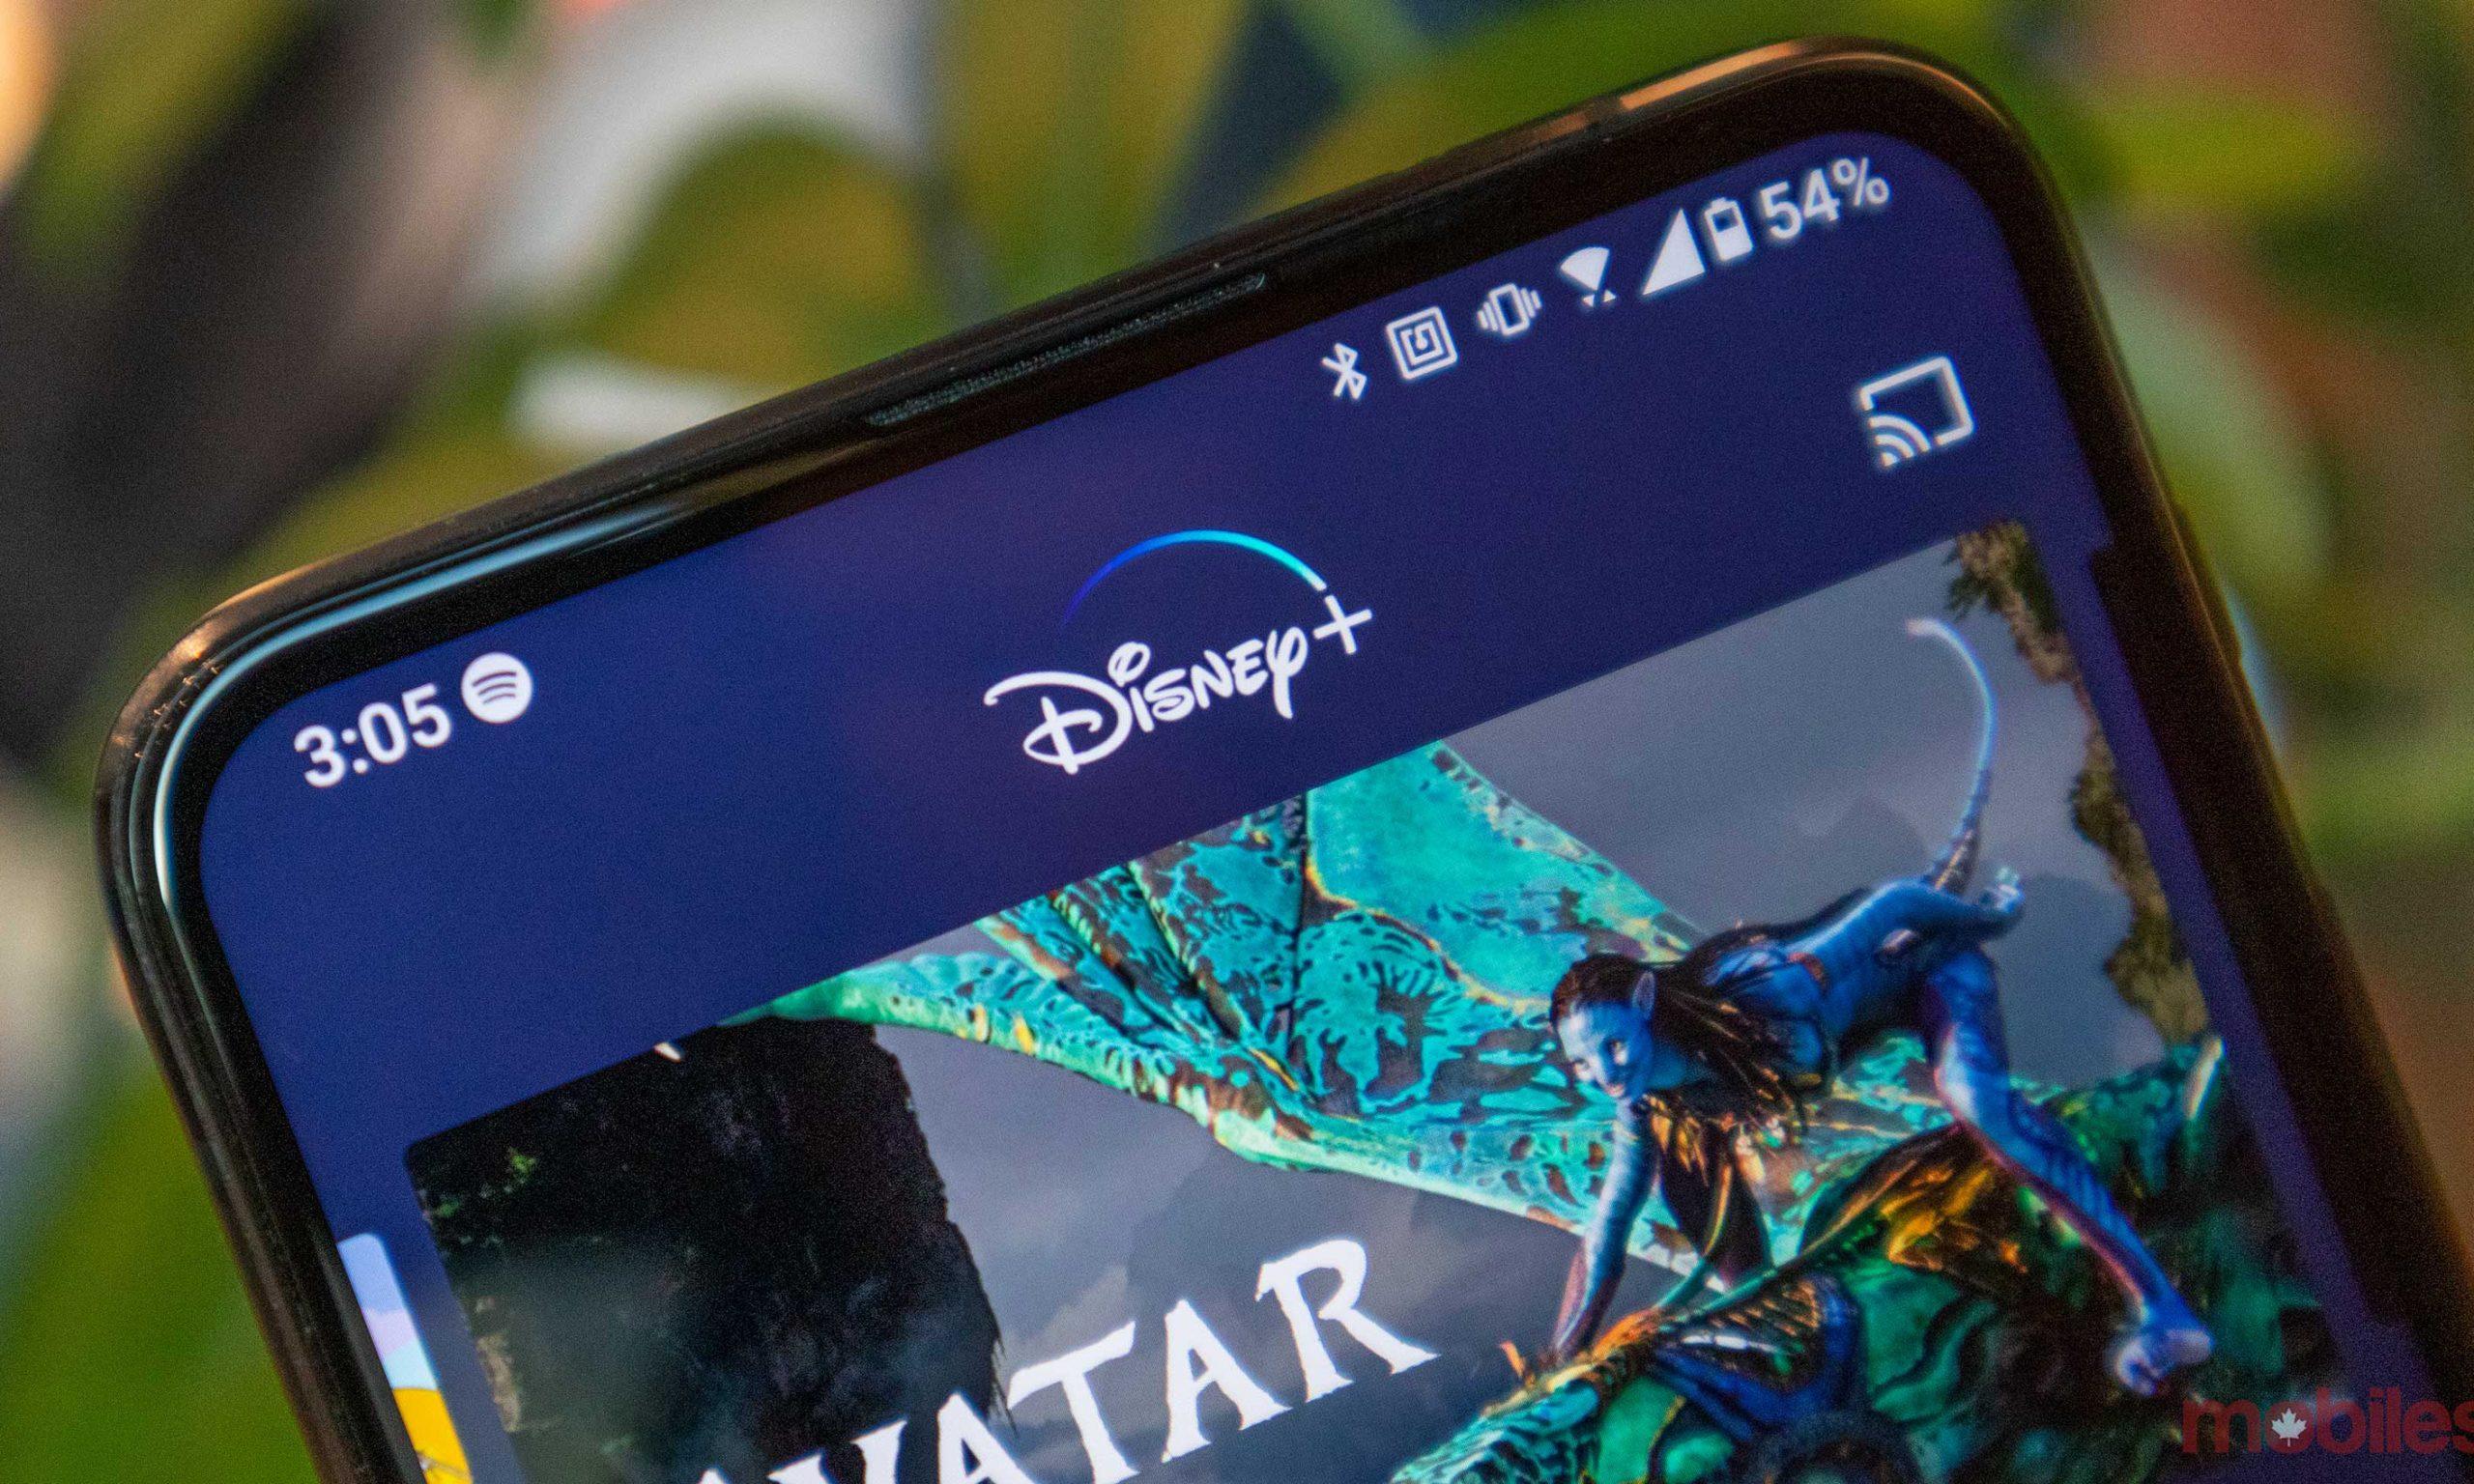 Disney+ 将提前四年完成 6,000 万用户目标